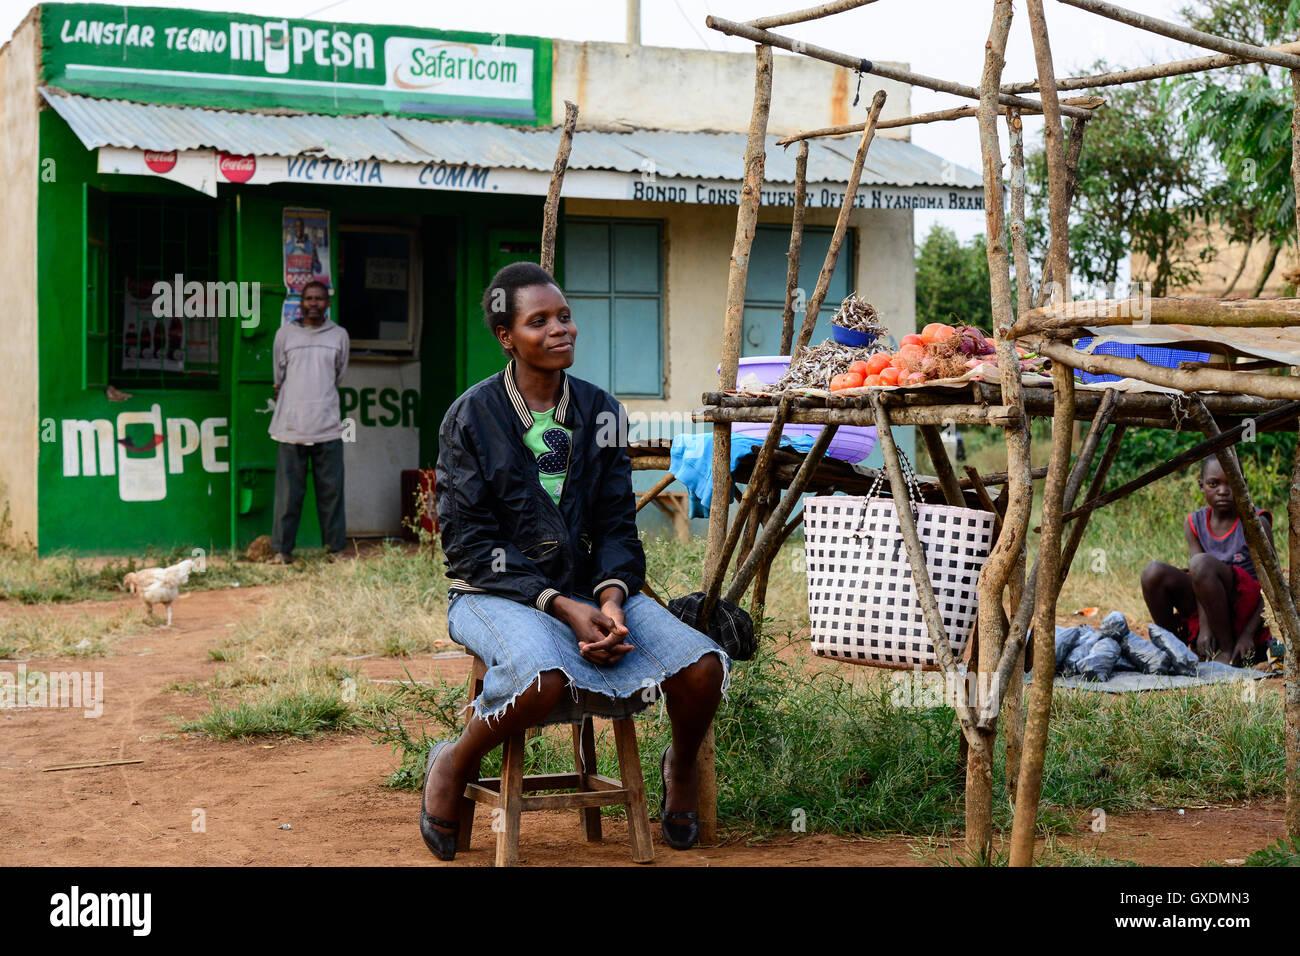 KENIA, Condado de Siaya, aldea Kotanega, tienda M-PESA, de compañía Safari.com una joint venture de Vodafone y telefónica keniana, pago por teléfono móvil, mercado mujer vende verduras / Kenia, bezahlen por Mobiltelefon, M-Pesa von Safari.com una joint venture von Vodafone y telefónica keniana, Marktfrau verkauft Gemuese Foto de stock